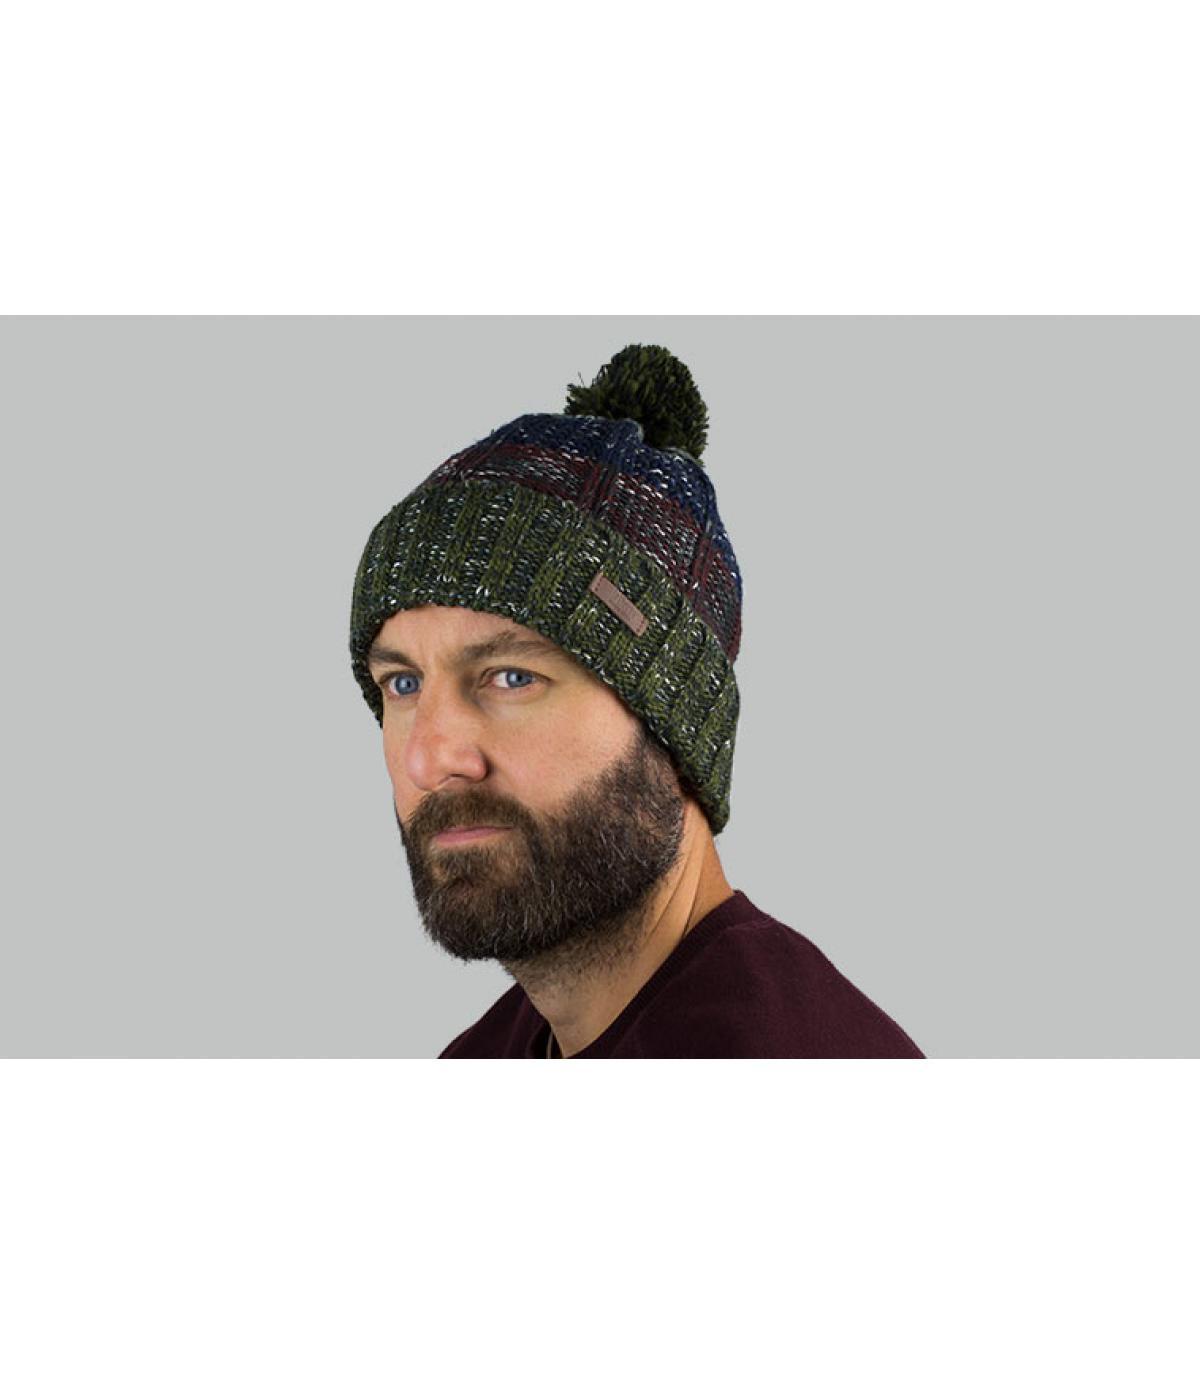 cappello nappa a strisce verde blu